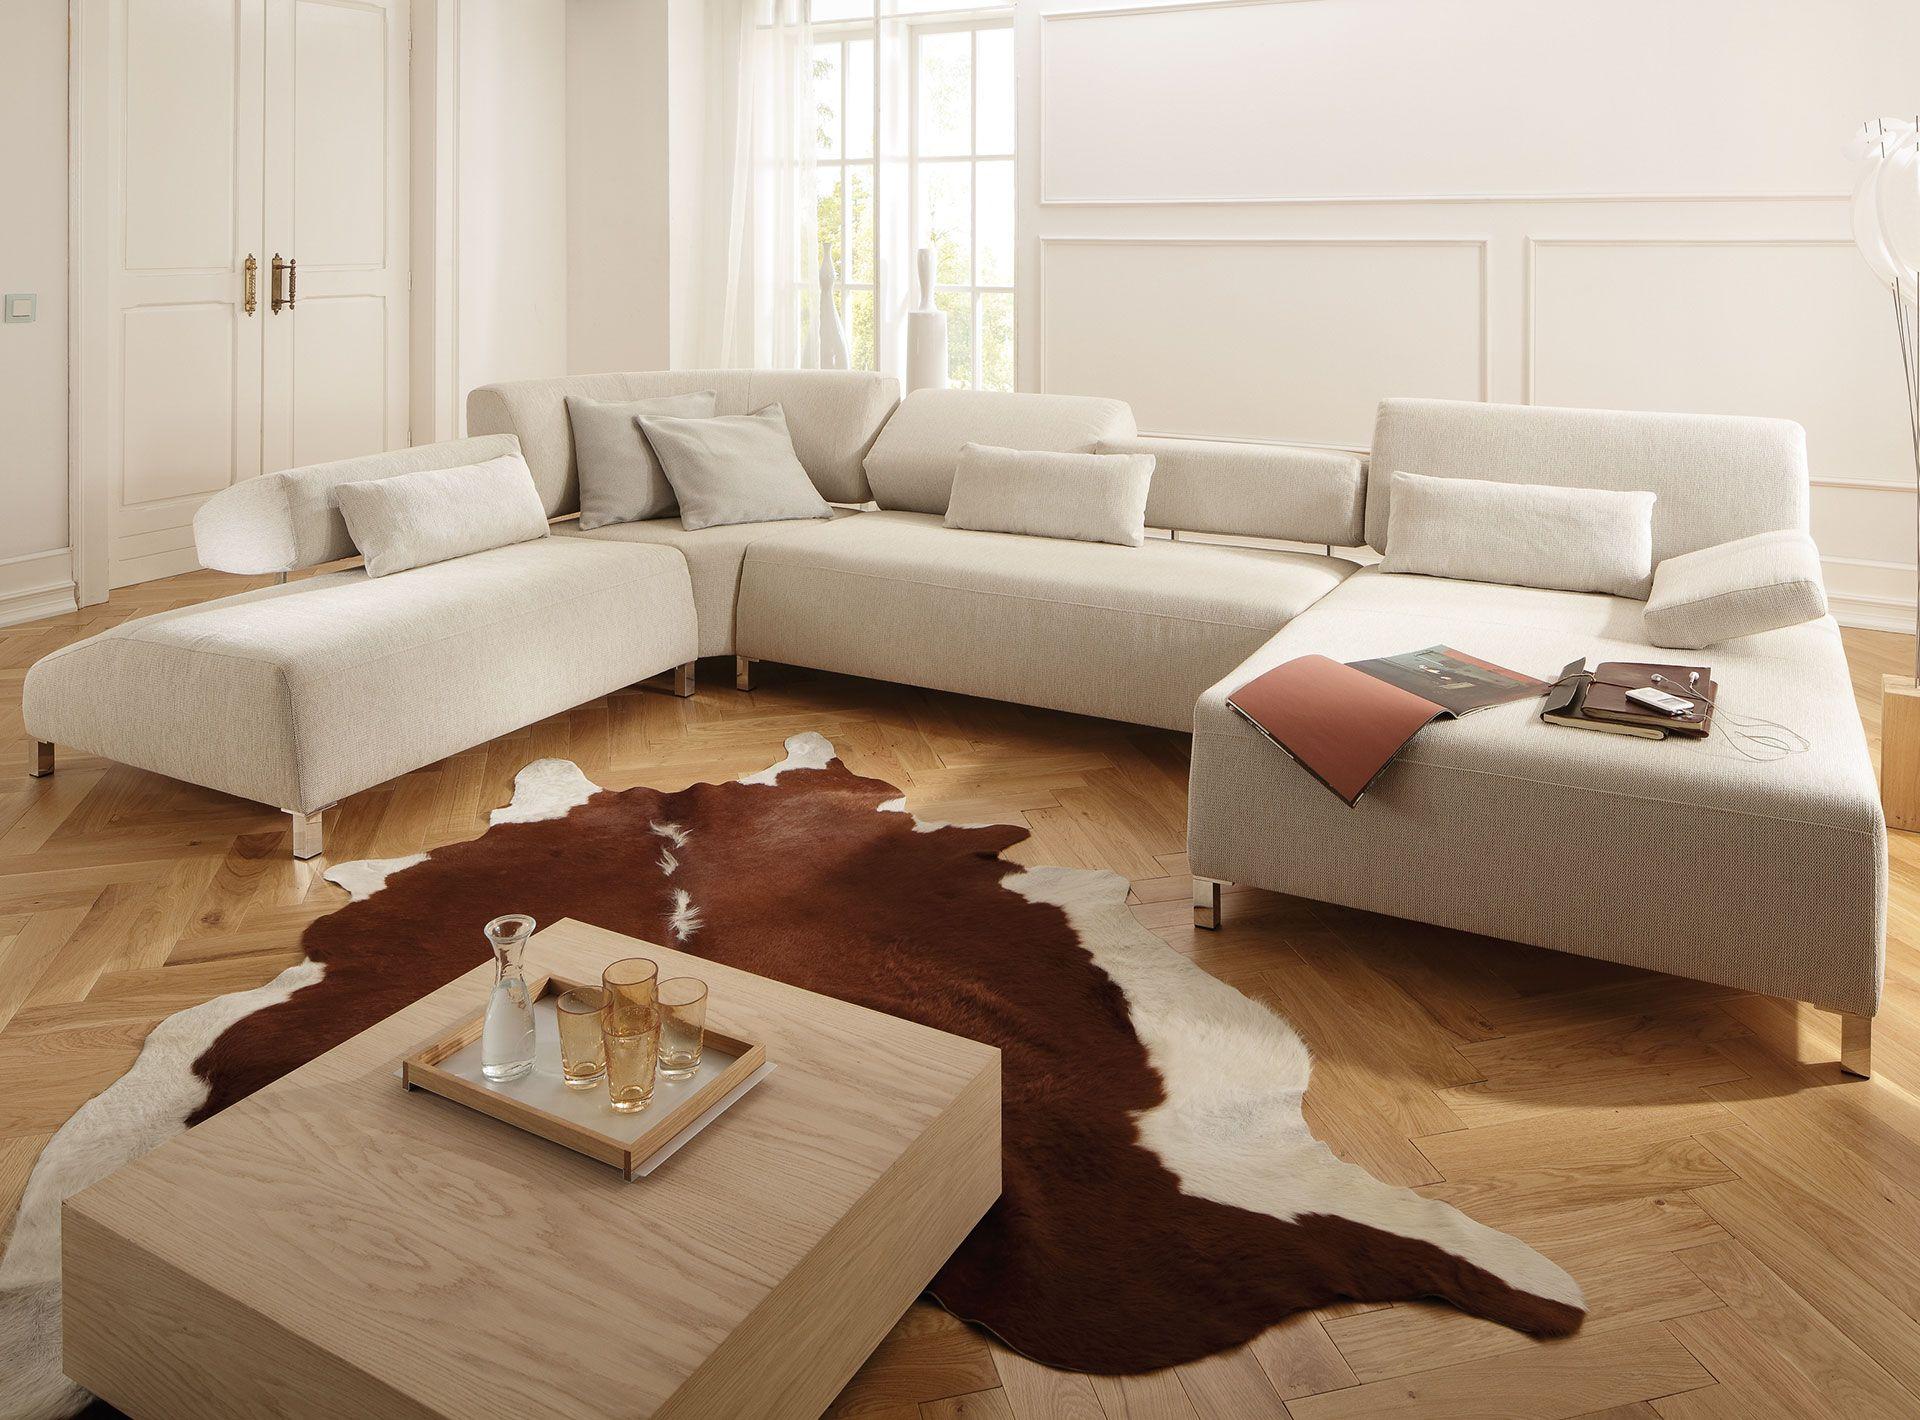 Kollektion Design | Wohn design, Aufregen und Kühler